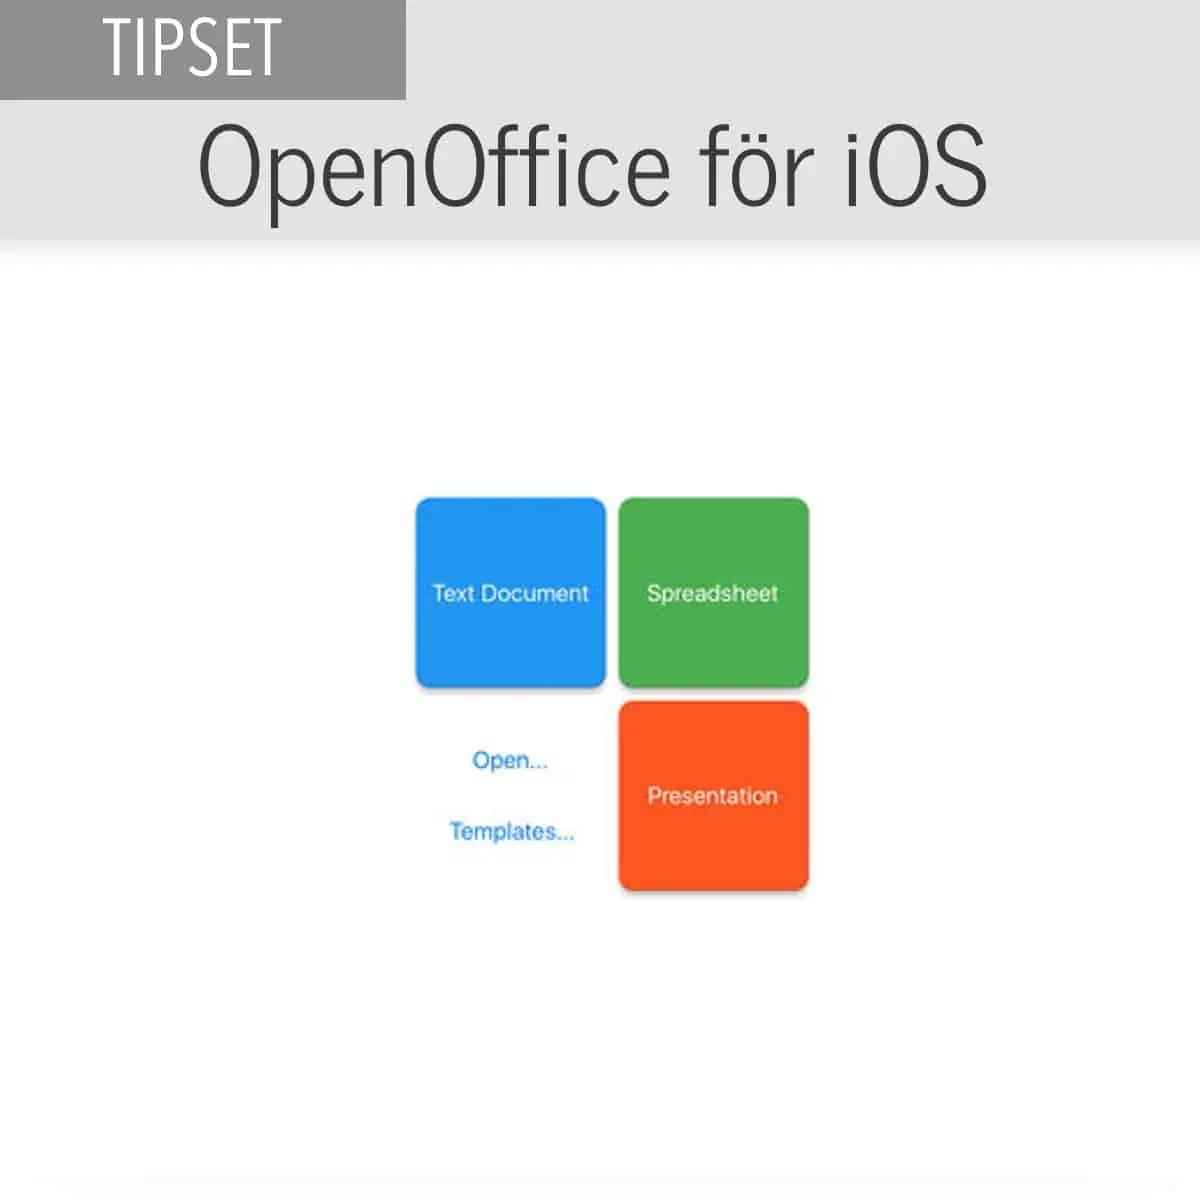 Openoffice Ios